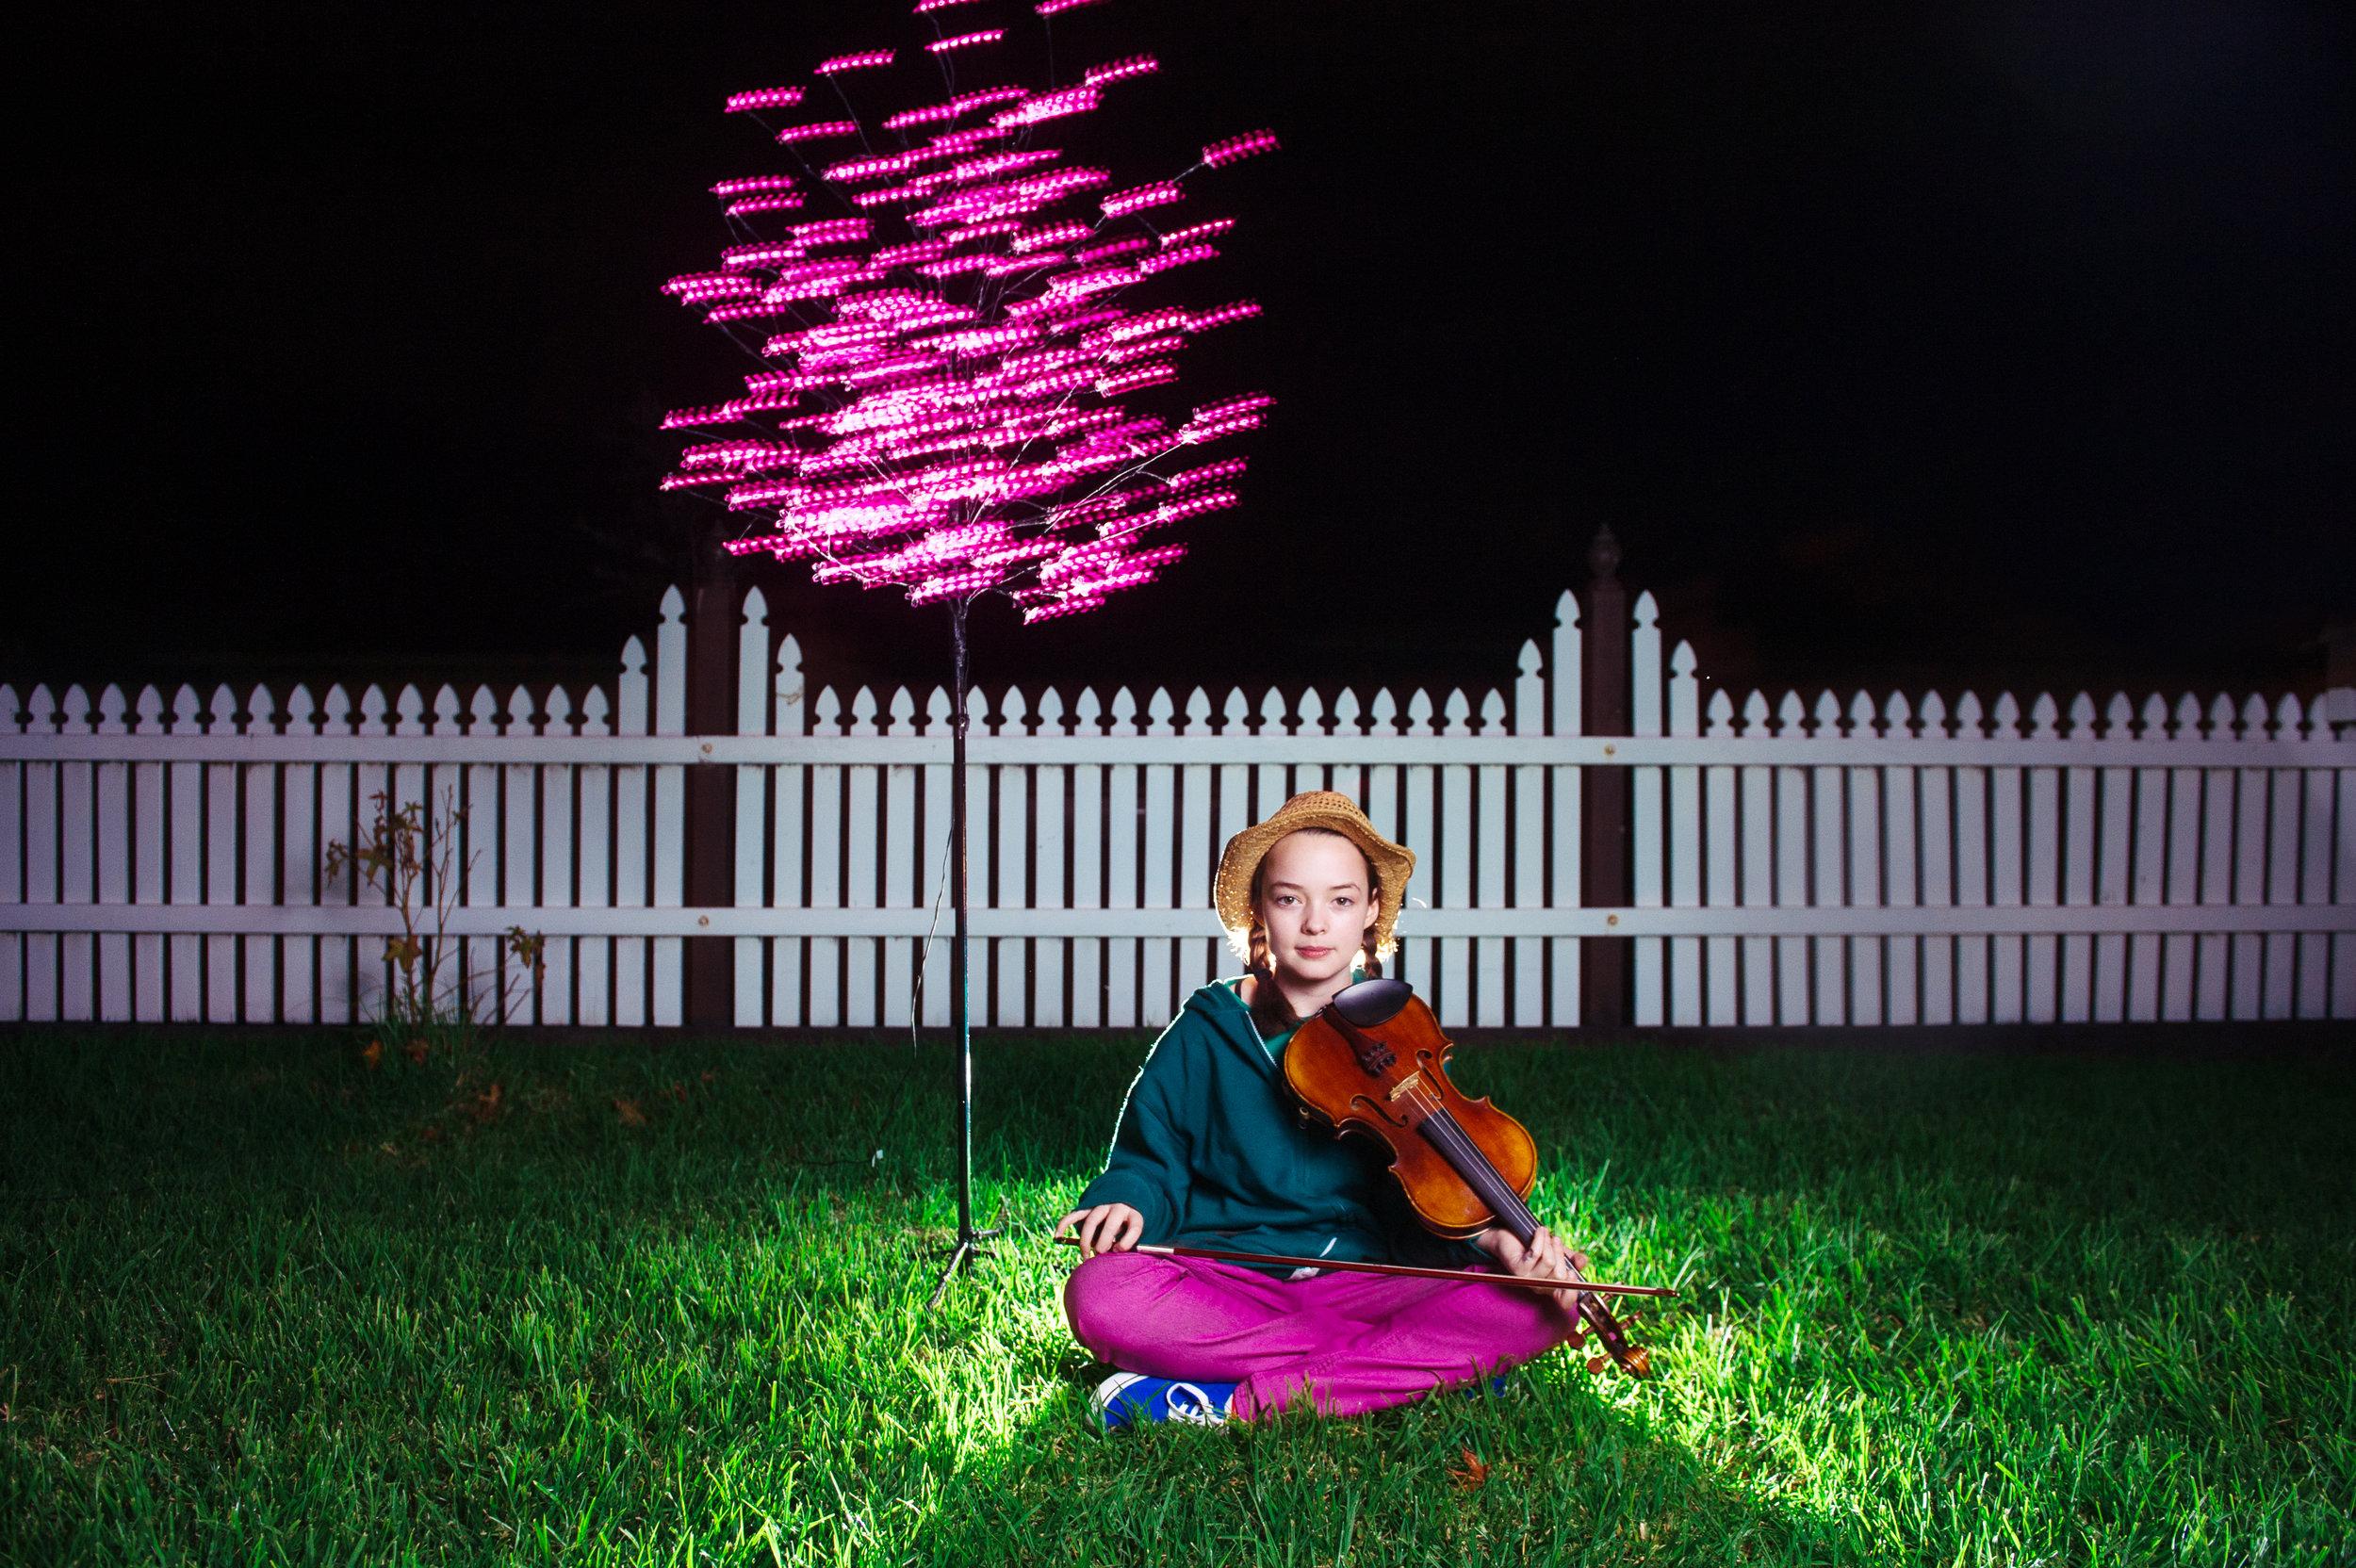 Ella and Violin - One Tacky Tree Media Image.jpg